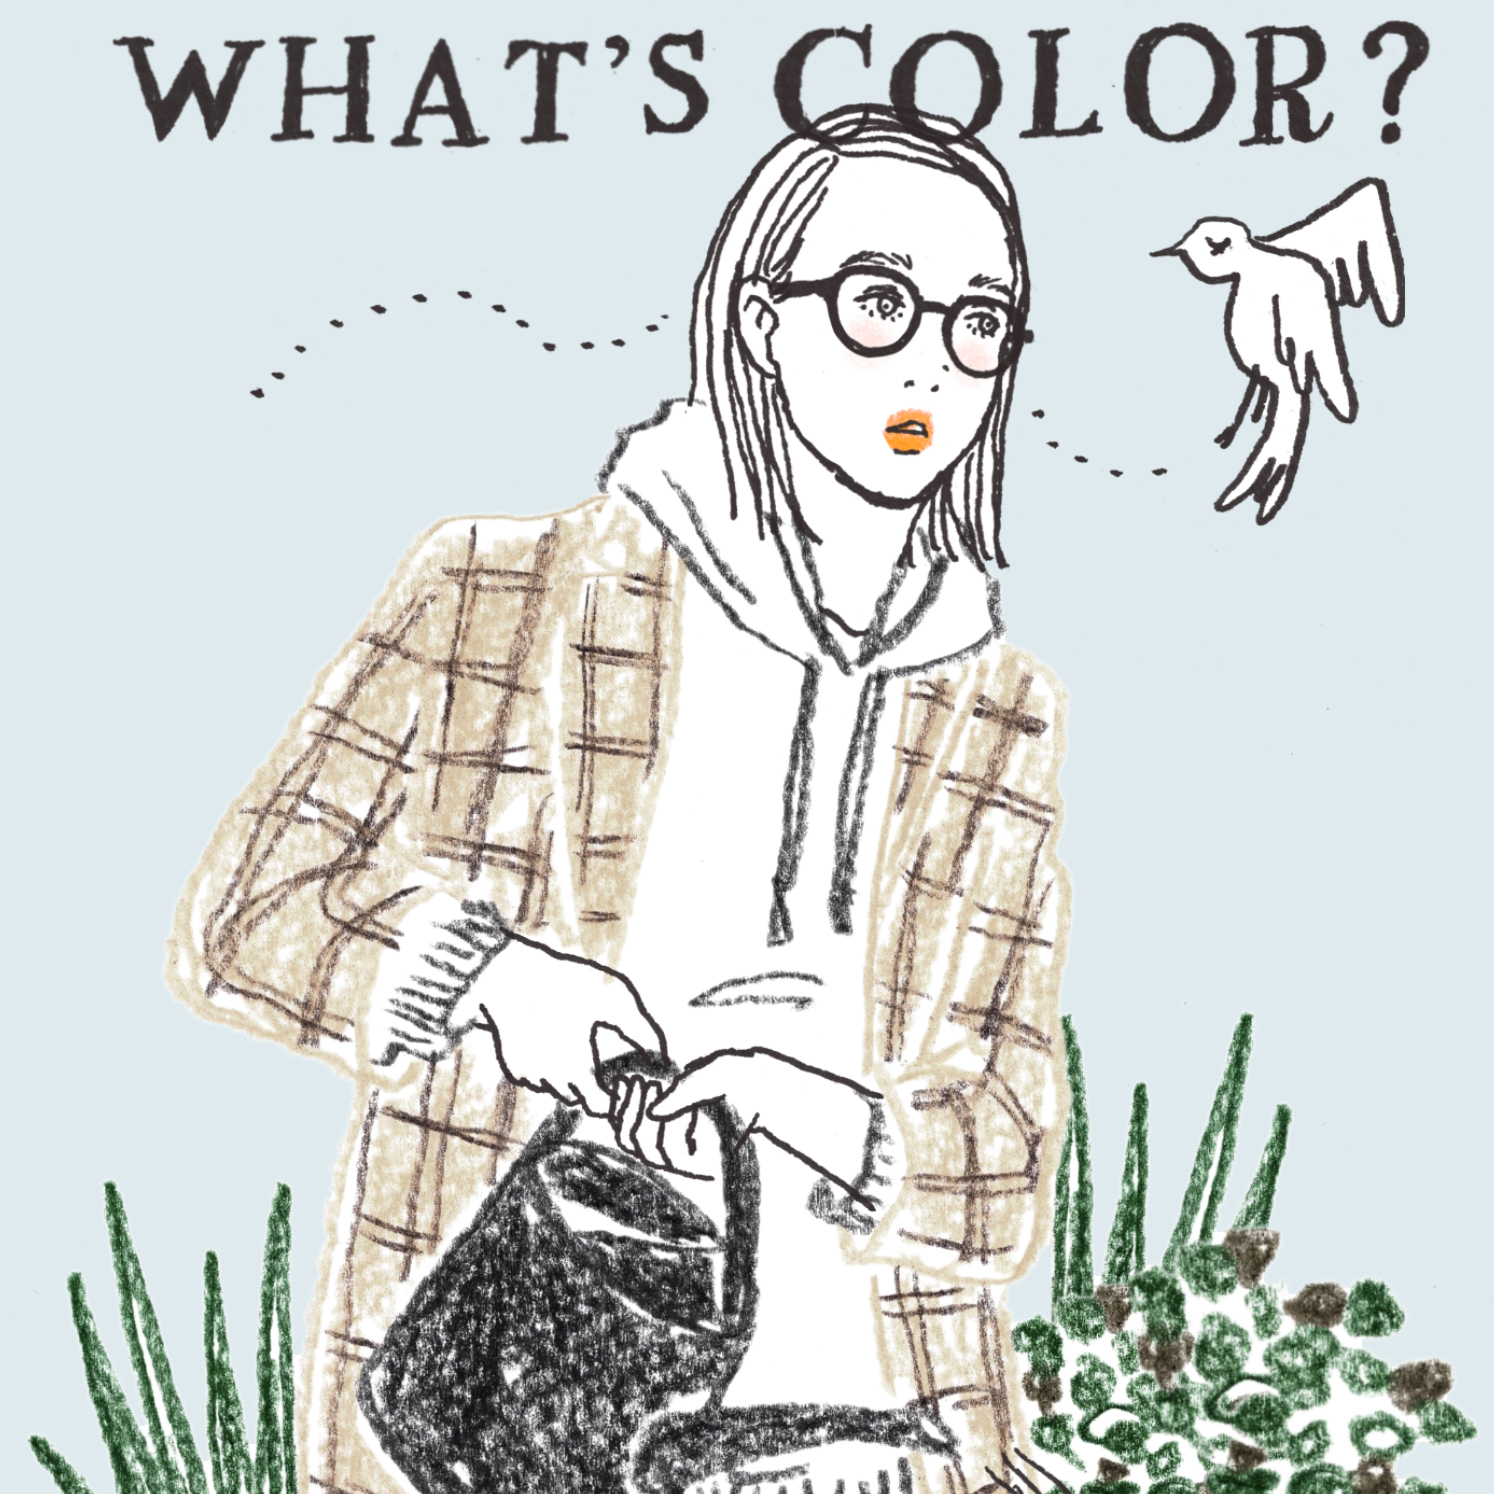 Q:ベランダに小鳥が迷い込んできました。何色の小鳥でしたか?